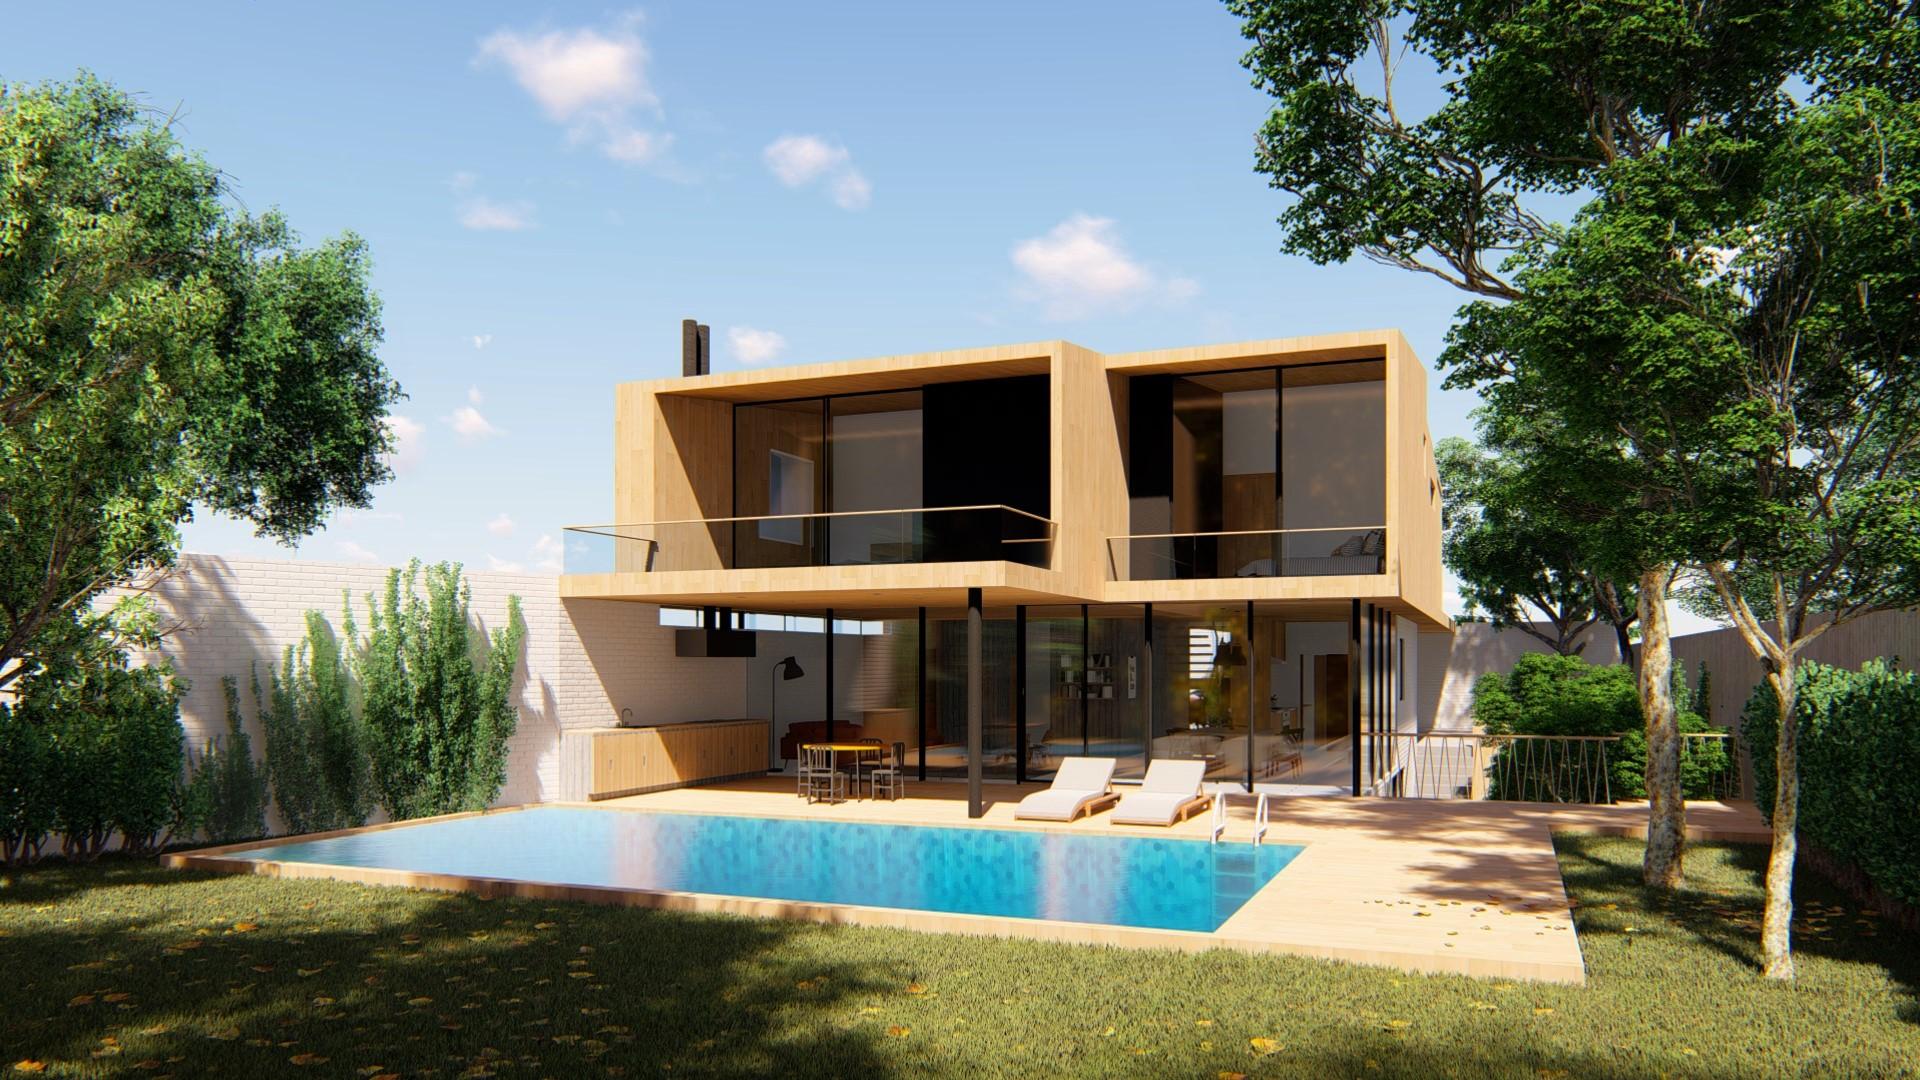 Progettare una villa da zero